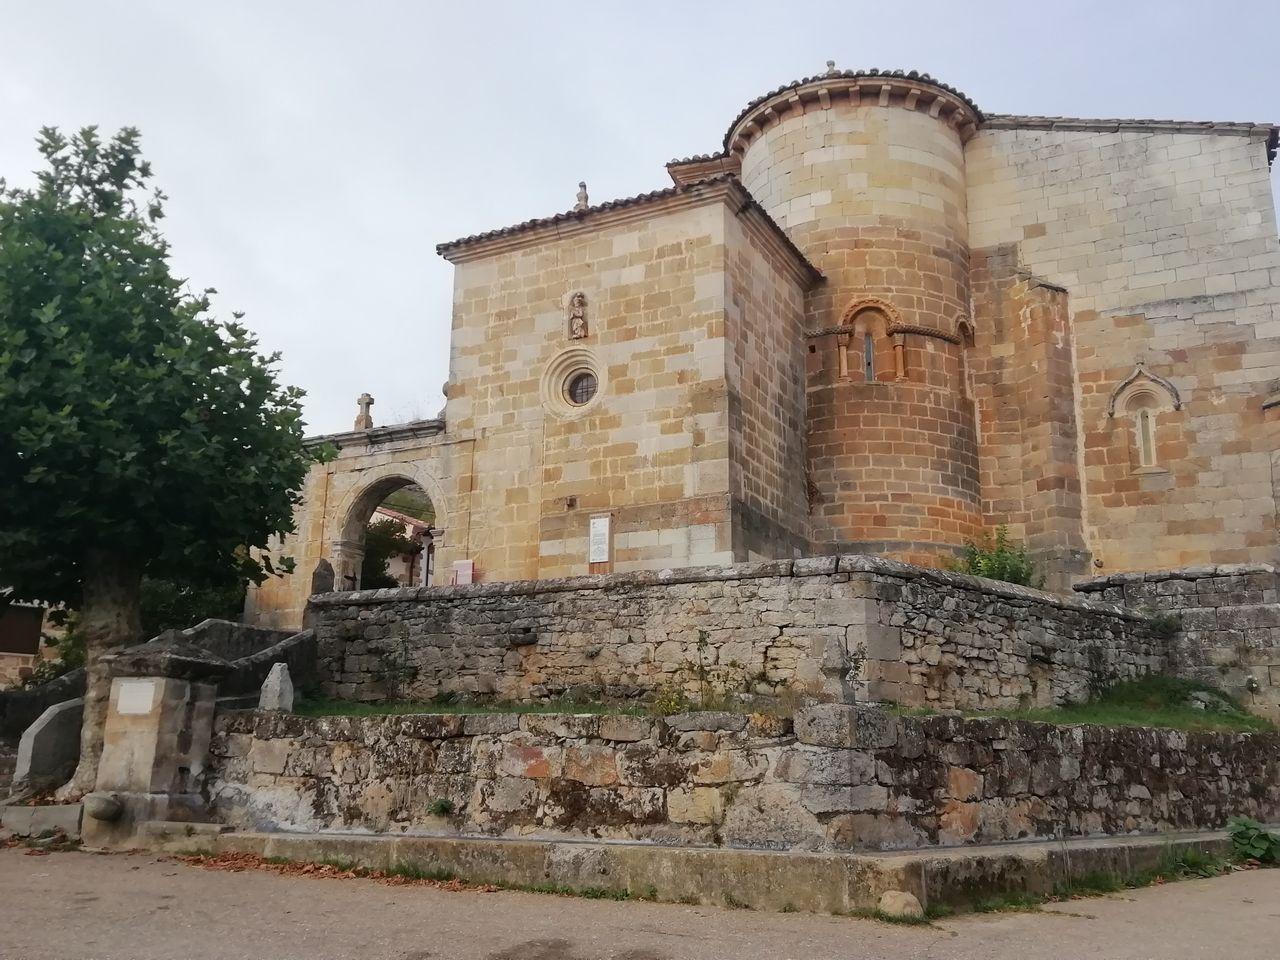 Iglesia de Nuestra Señora de la Asunción en el Barrio de Santa María.